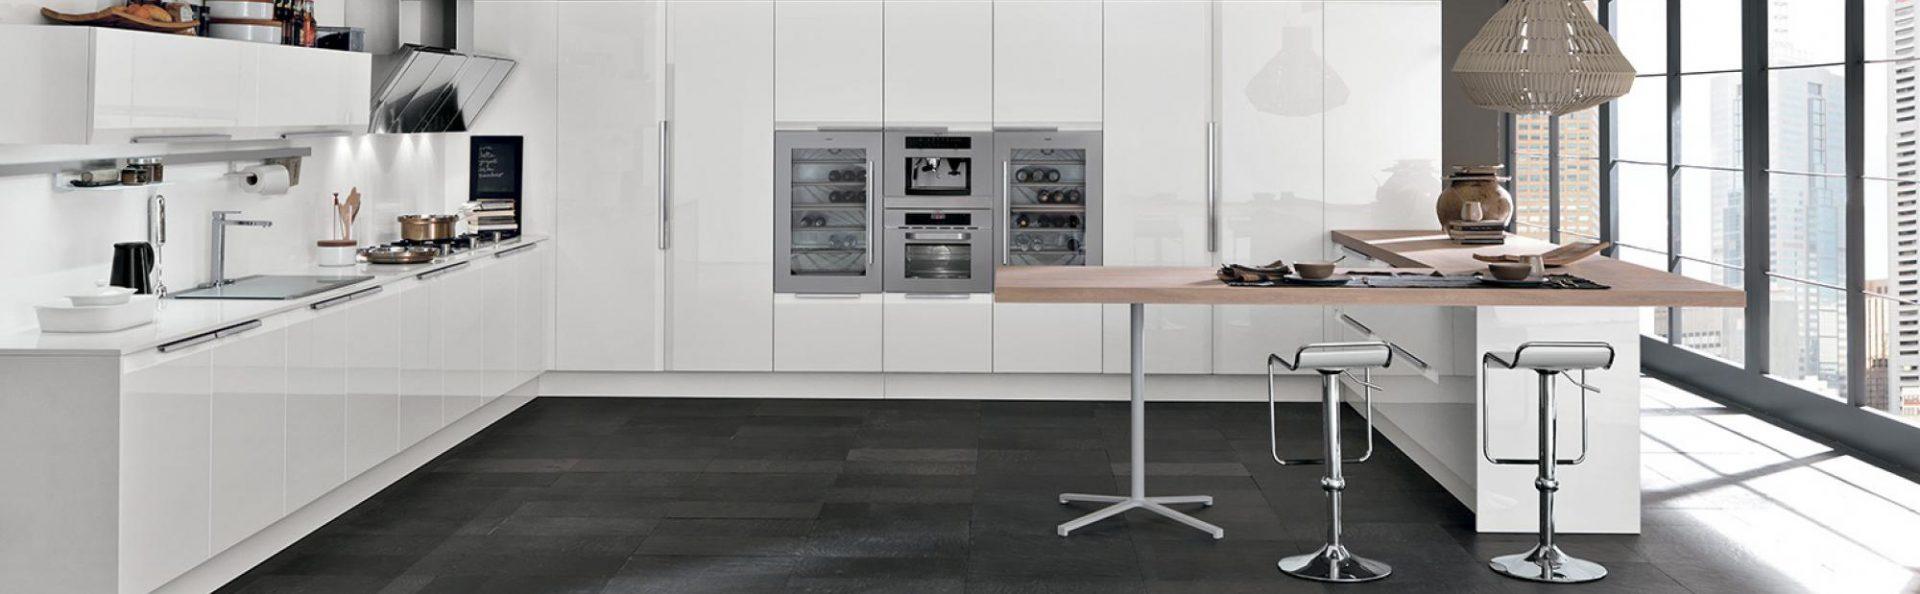 Proveedores de suministros de cocinas, electrodomésticos, mesas y sillas